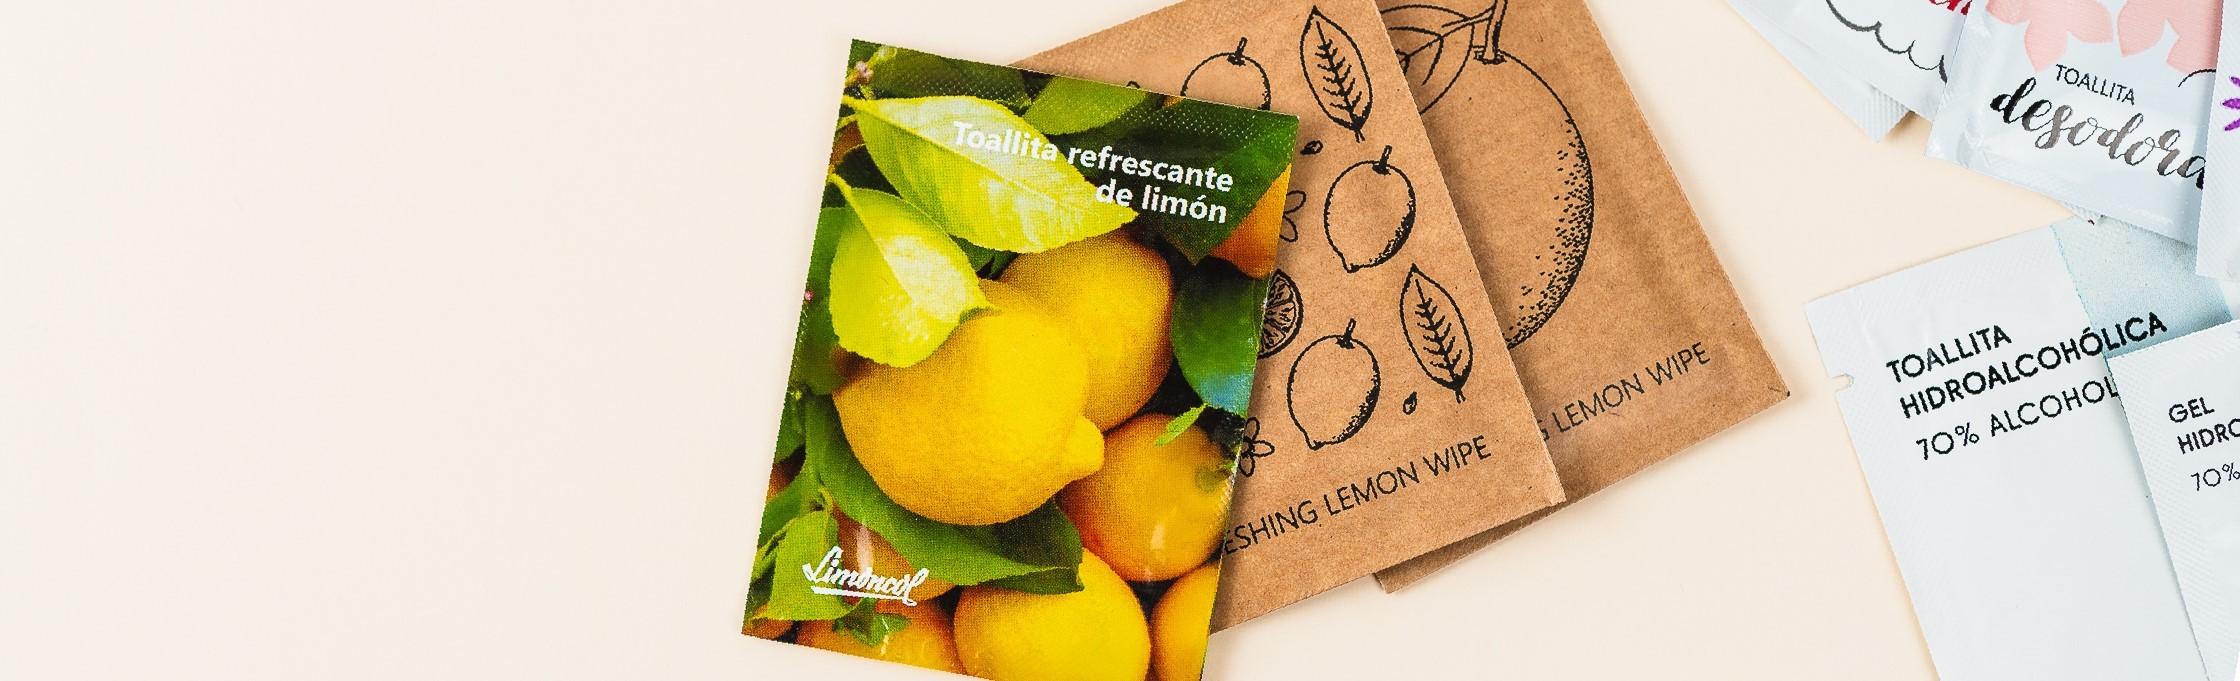 Toallitas refrescantes con aromas naturales